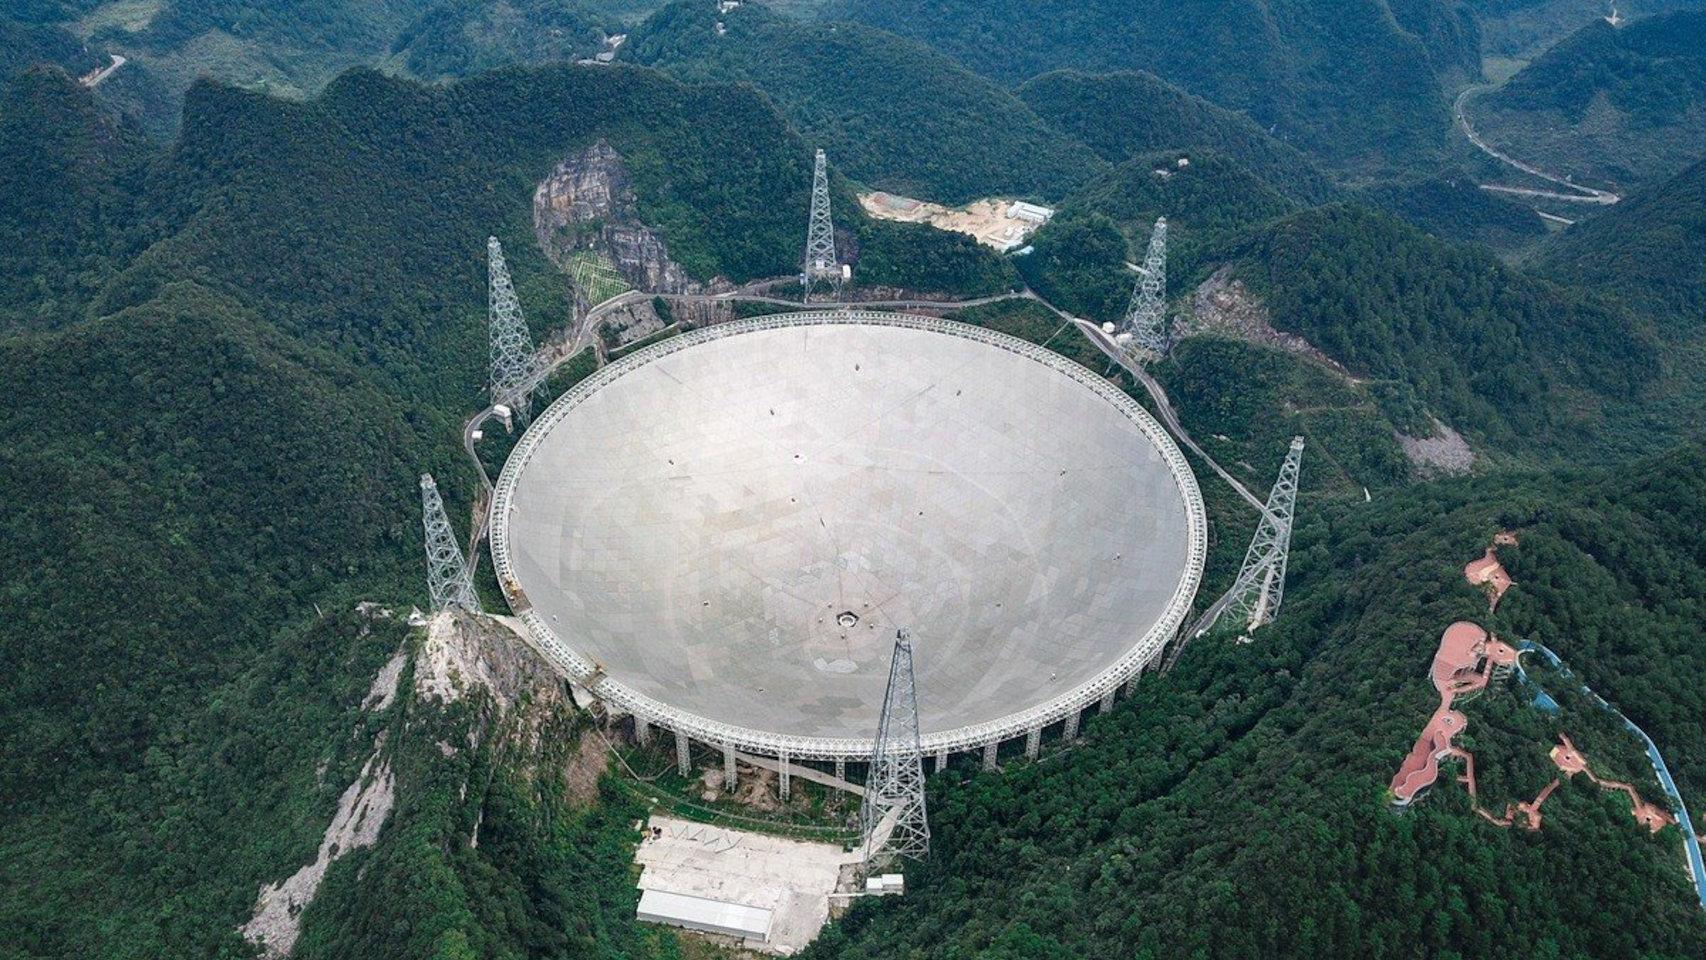 El telescopio FAST será usado oficialmente para buscar vida extraterrestre